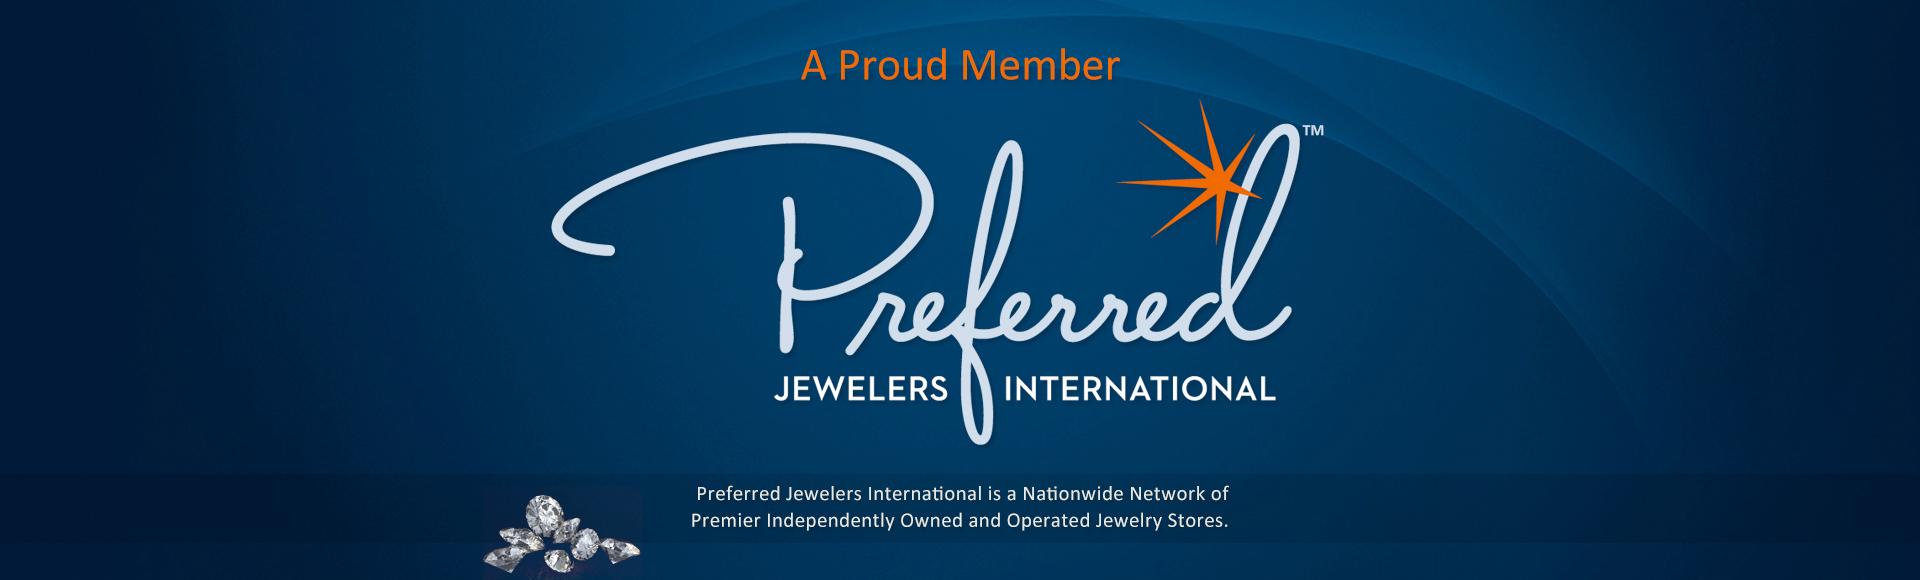 Preferred Jewelers